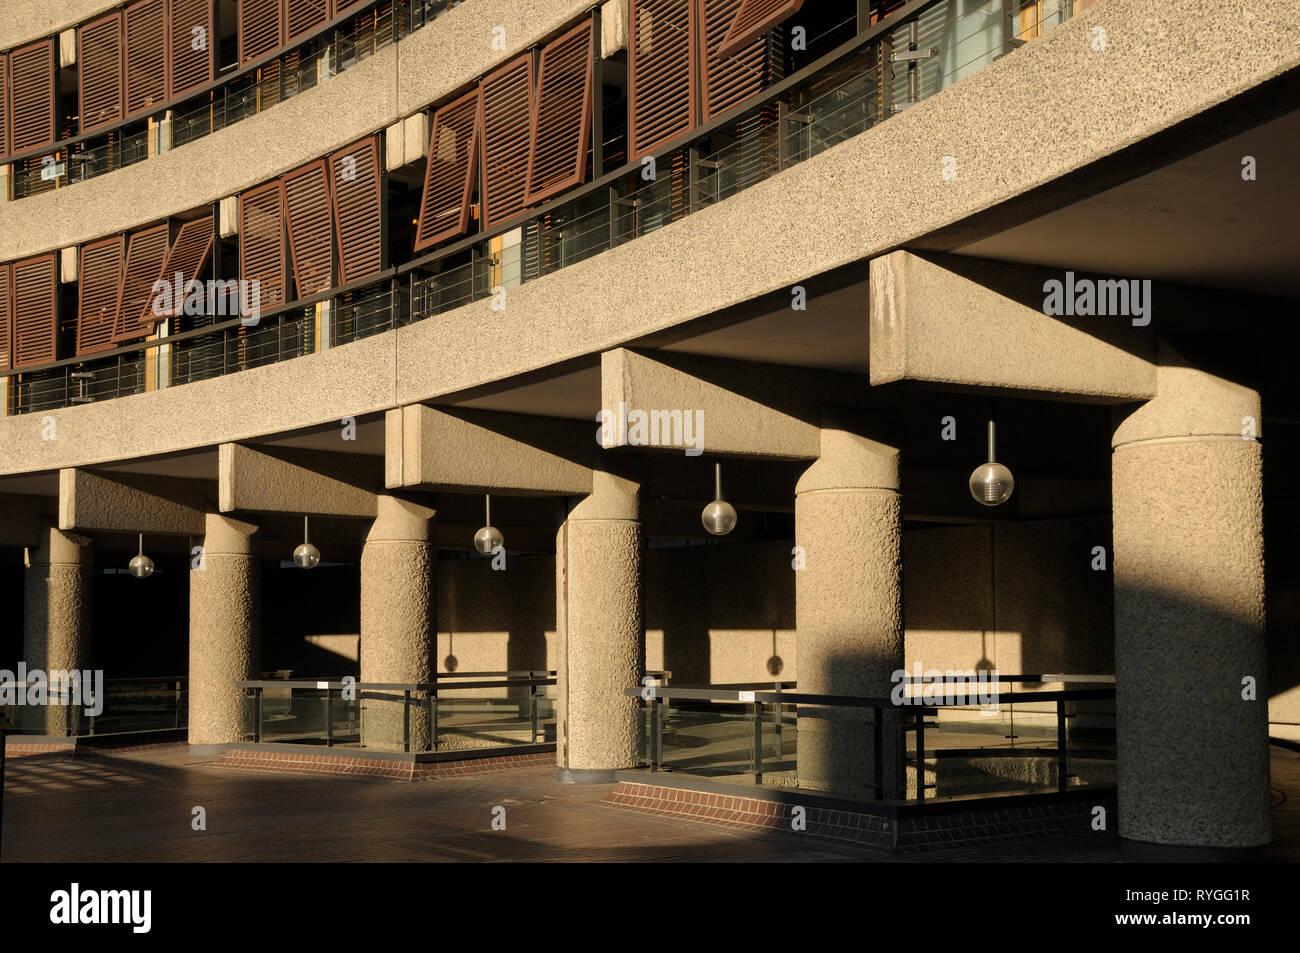 Detalle arquitectónico mostrando el disco líneas y curvas de arquitectura Brutalist, Barbican Estate, EC2 de Londres, Inglaterra, Reino Unido. Foto de stock